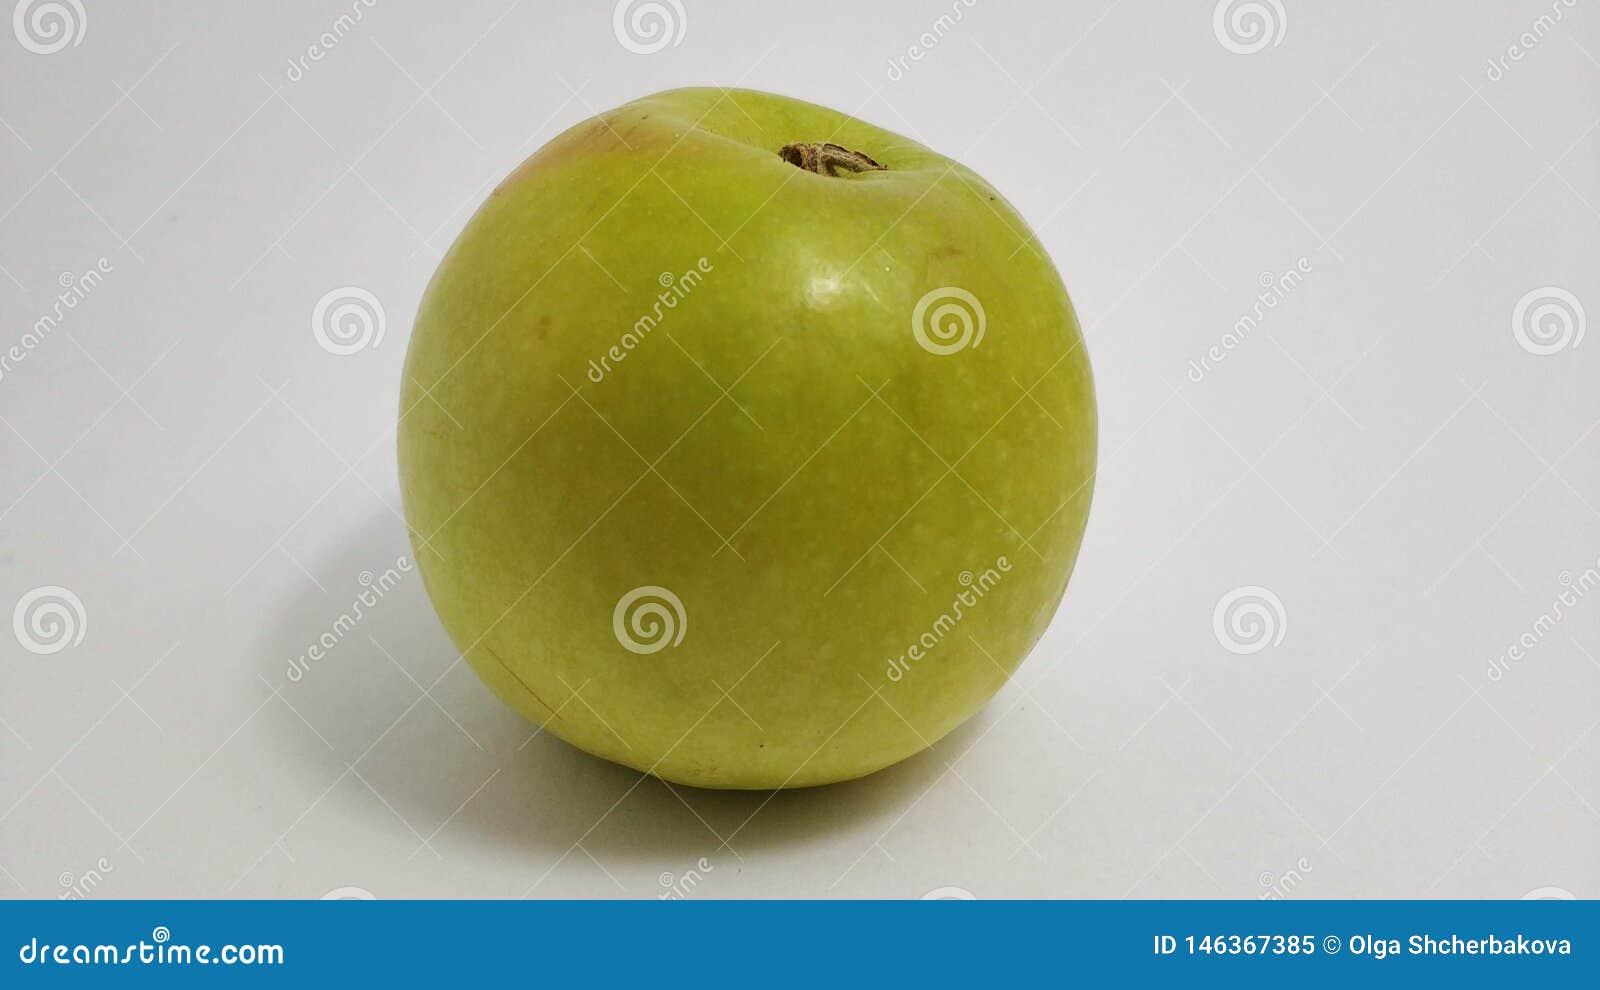 Zielony słodki jabłko zamknięty w górę białego tła na